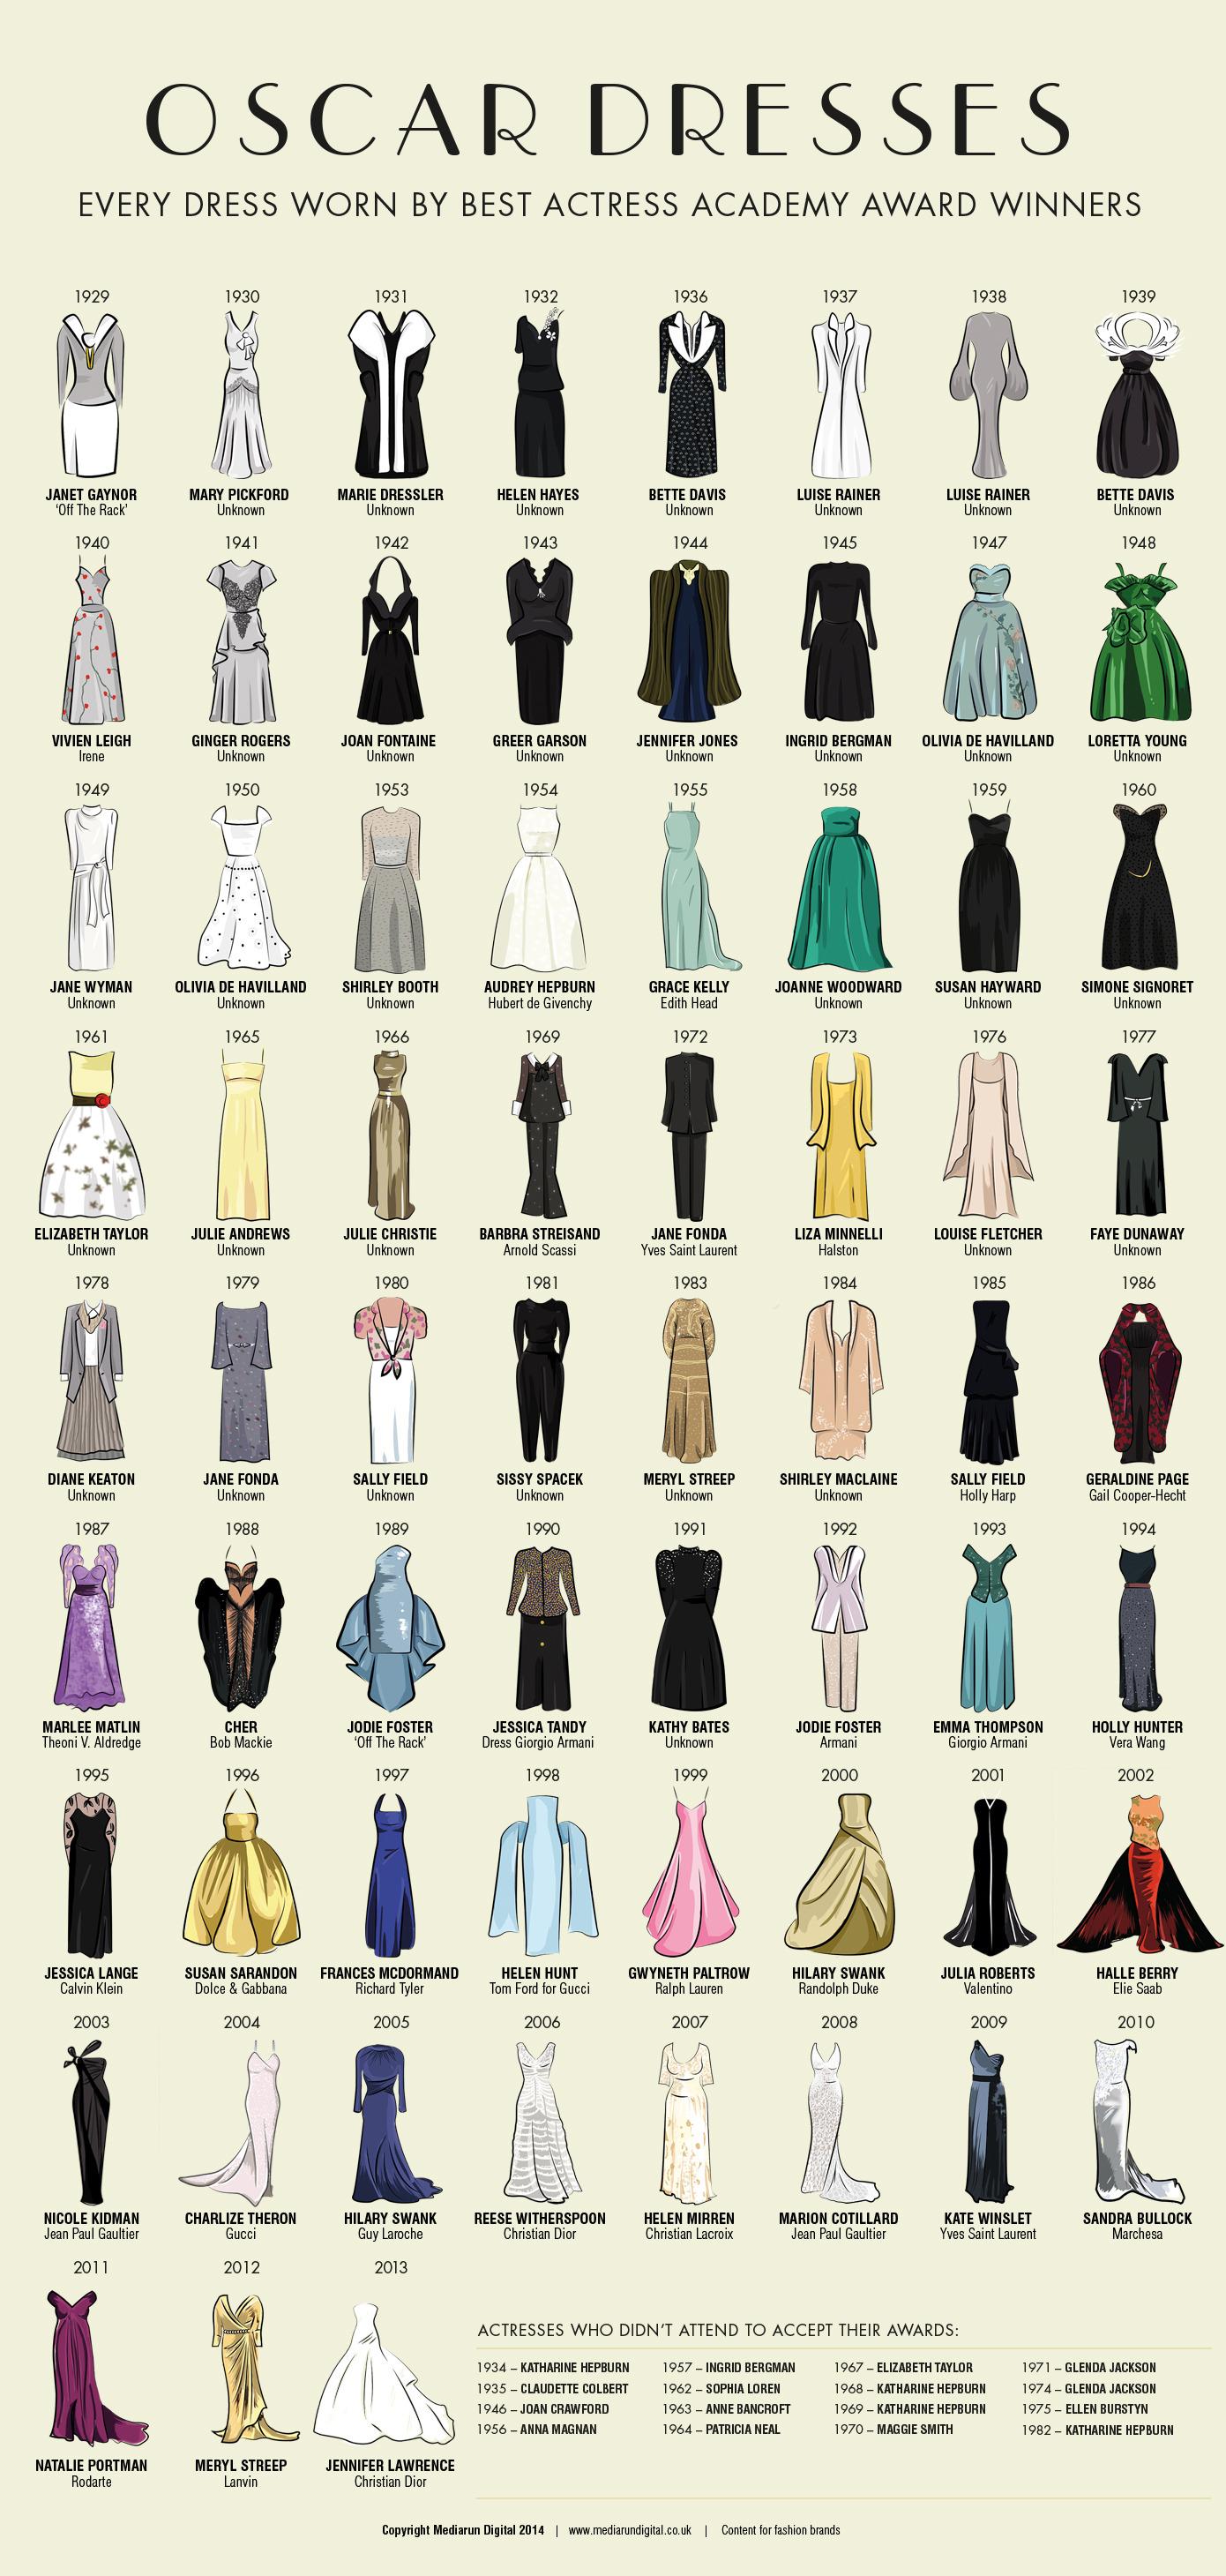 歴代アカデミー主演女優賞が着たドレスのインフォグラフィック(1929-2013)